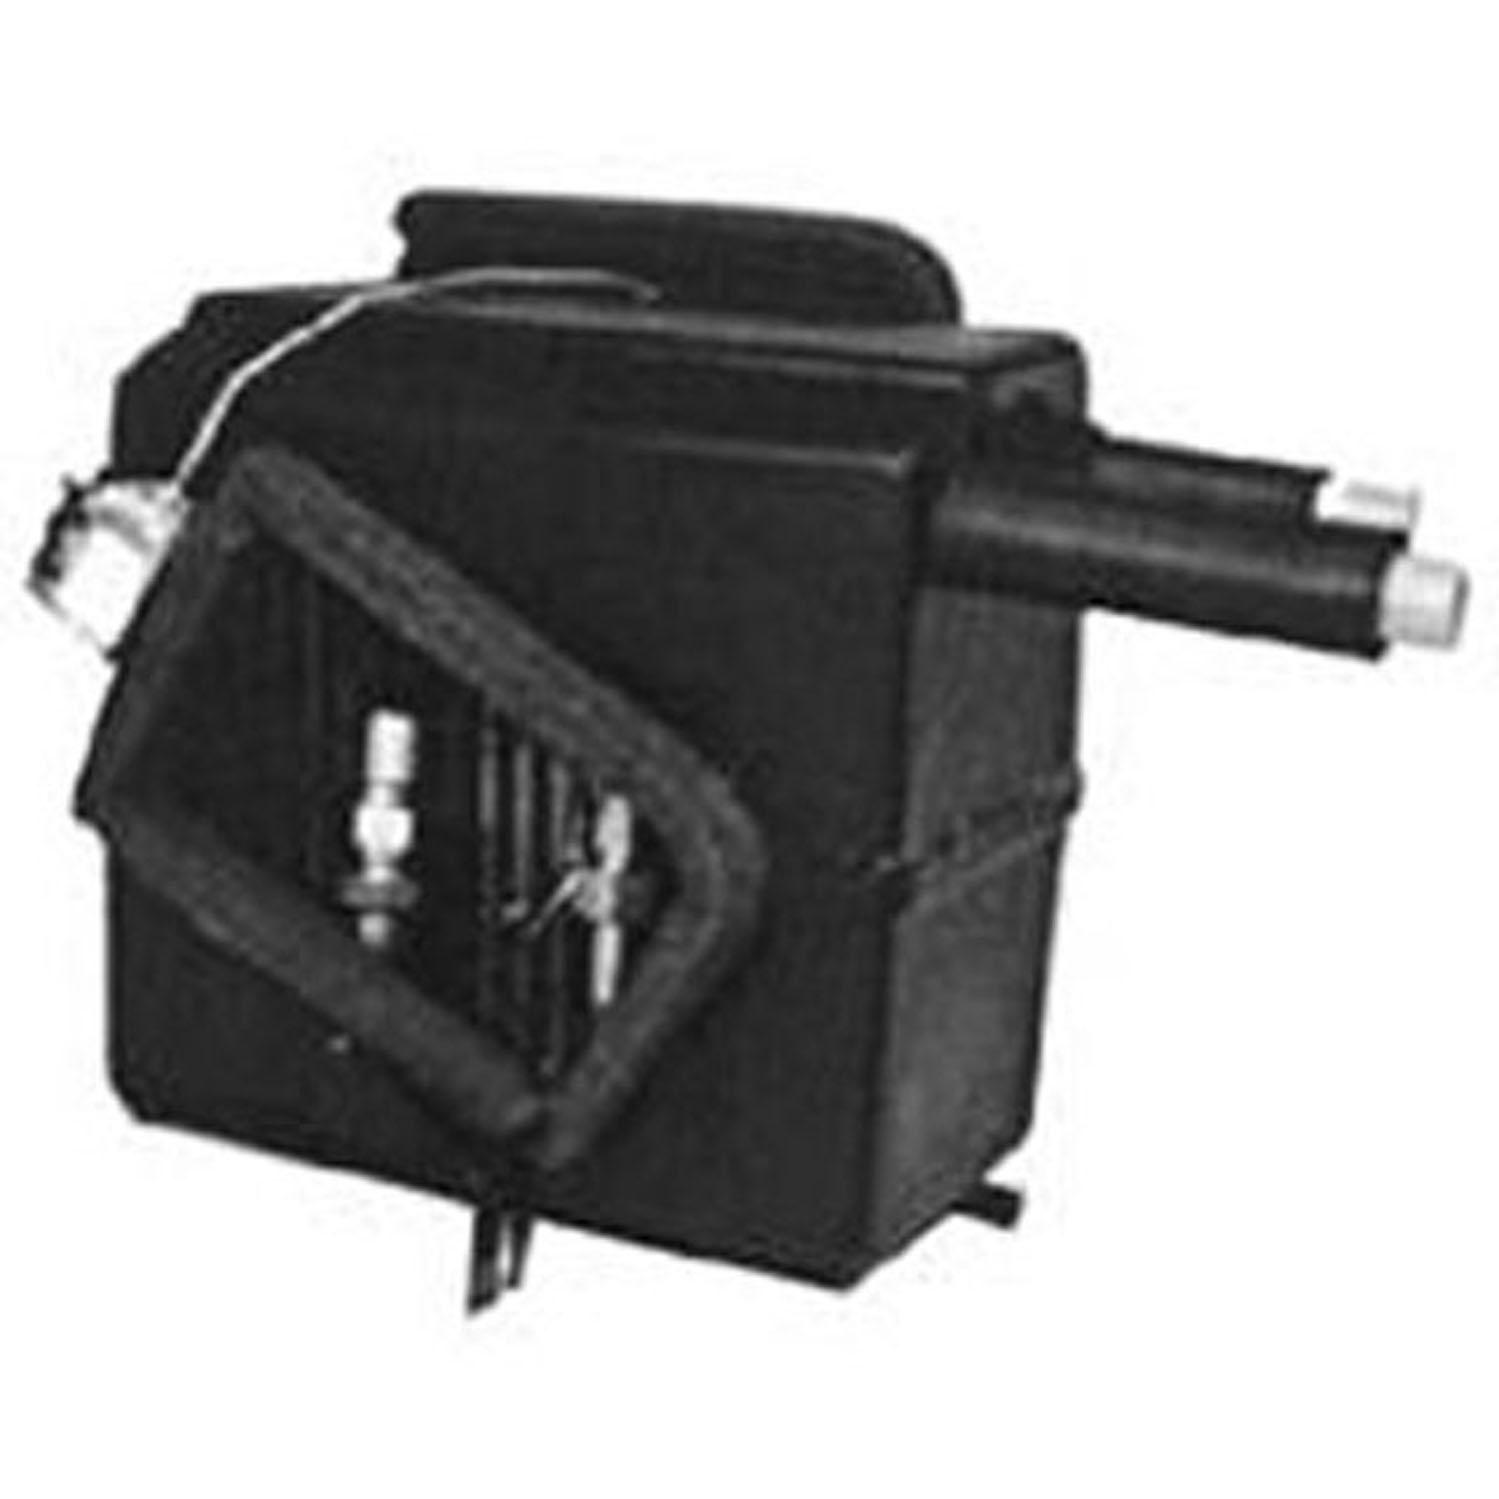 Evaporator Assembly NIS SENTRA 94-91